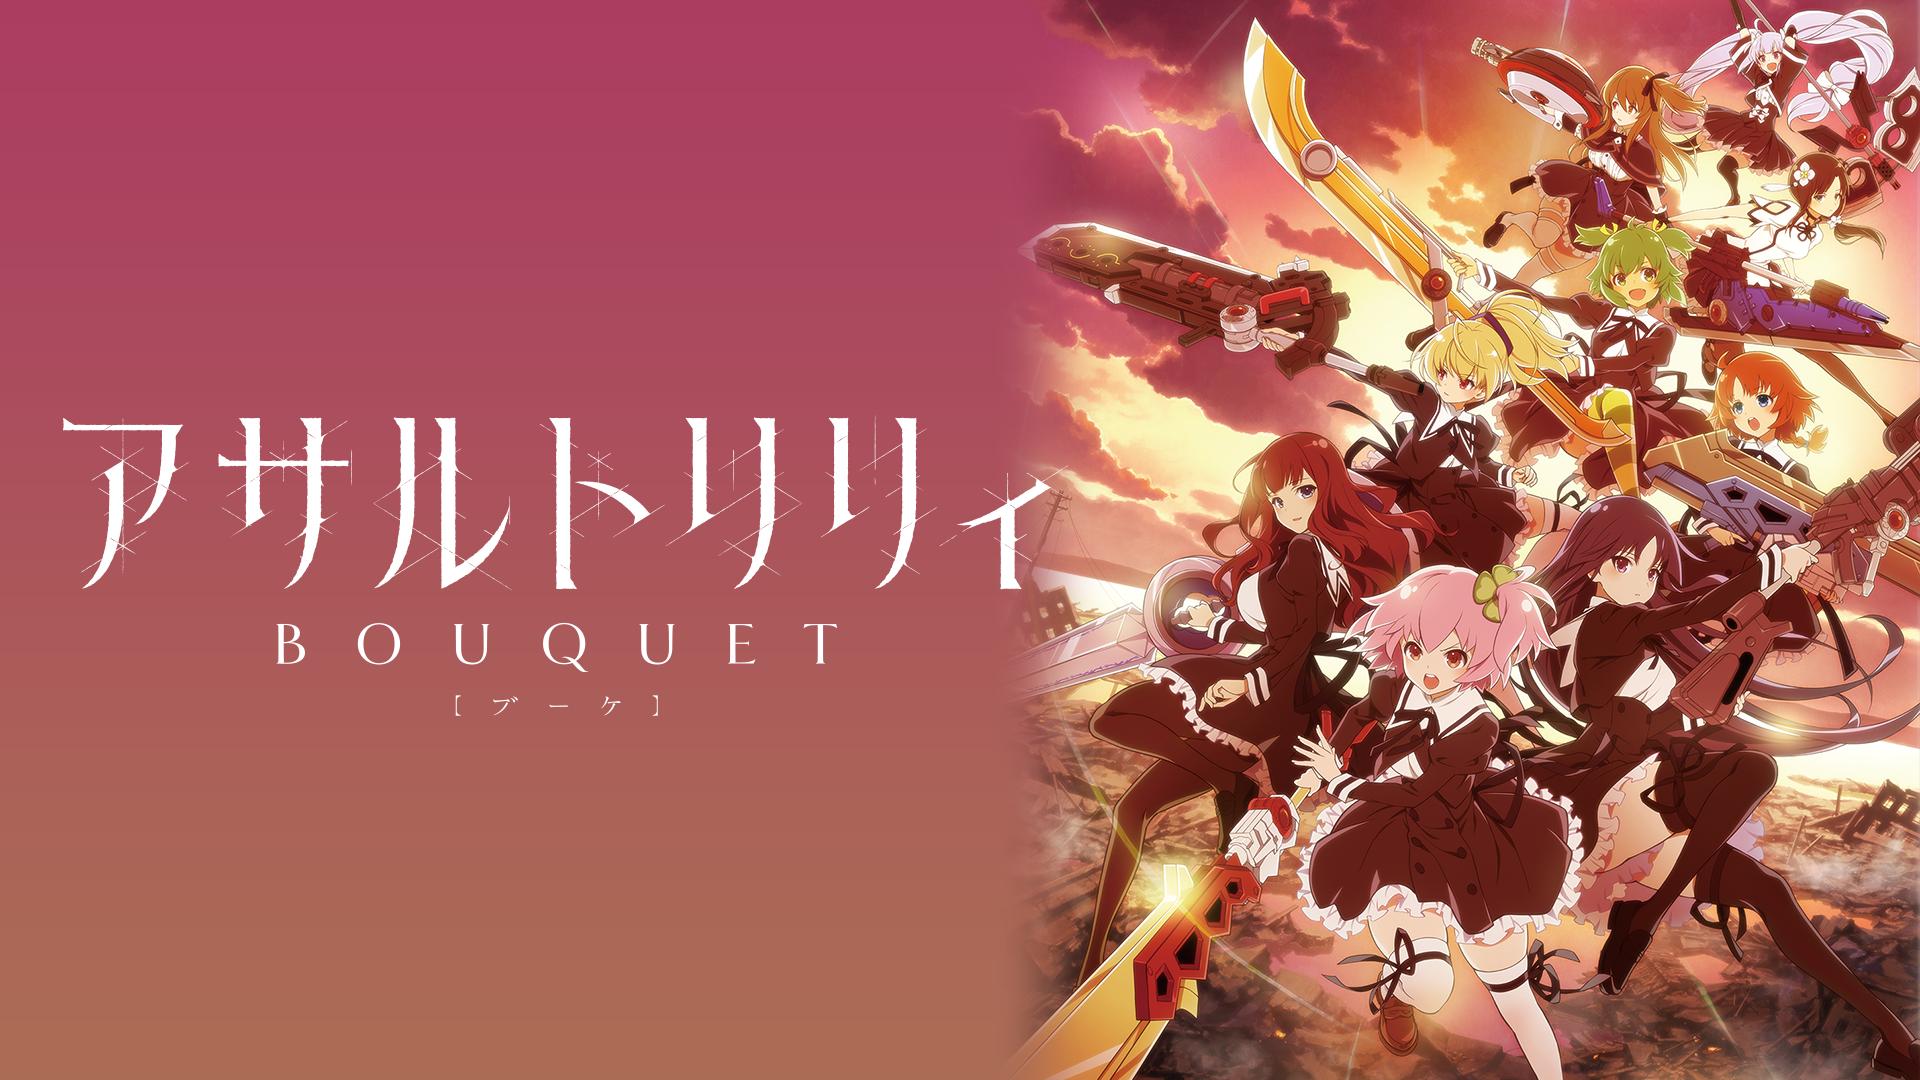 アニメ『アサルトリリィ Bouquet』見逃し動画配信!全話を無料フル視聴する方法!声優情報まとめ